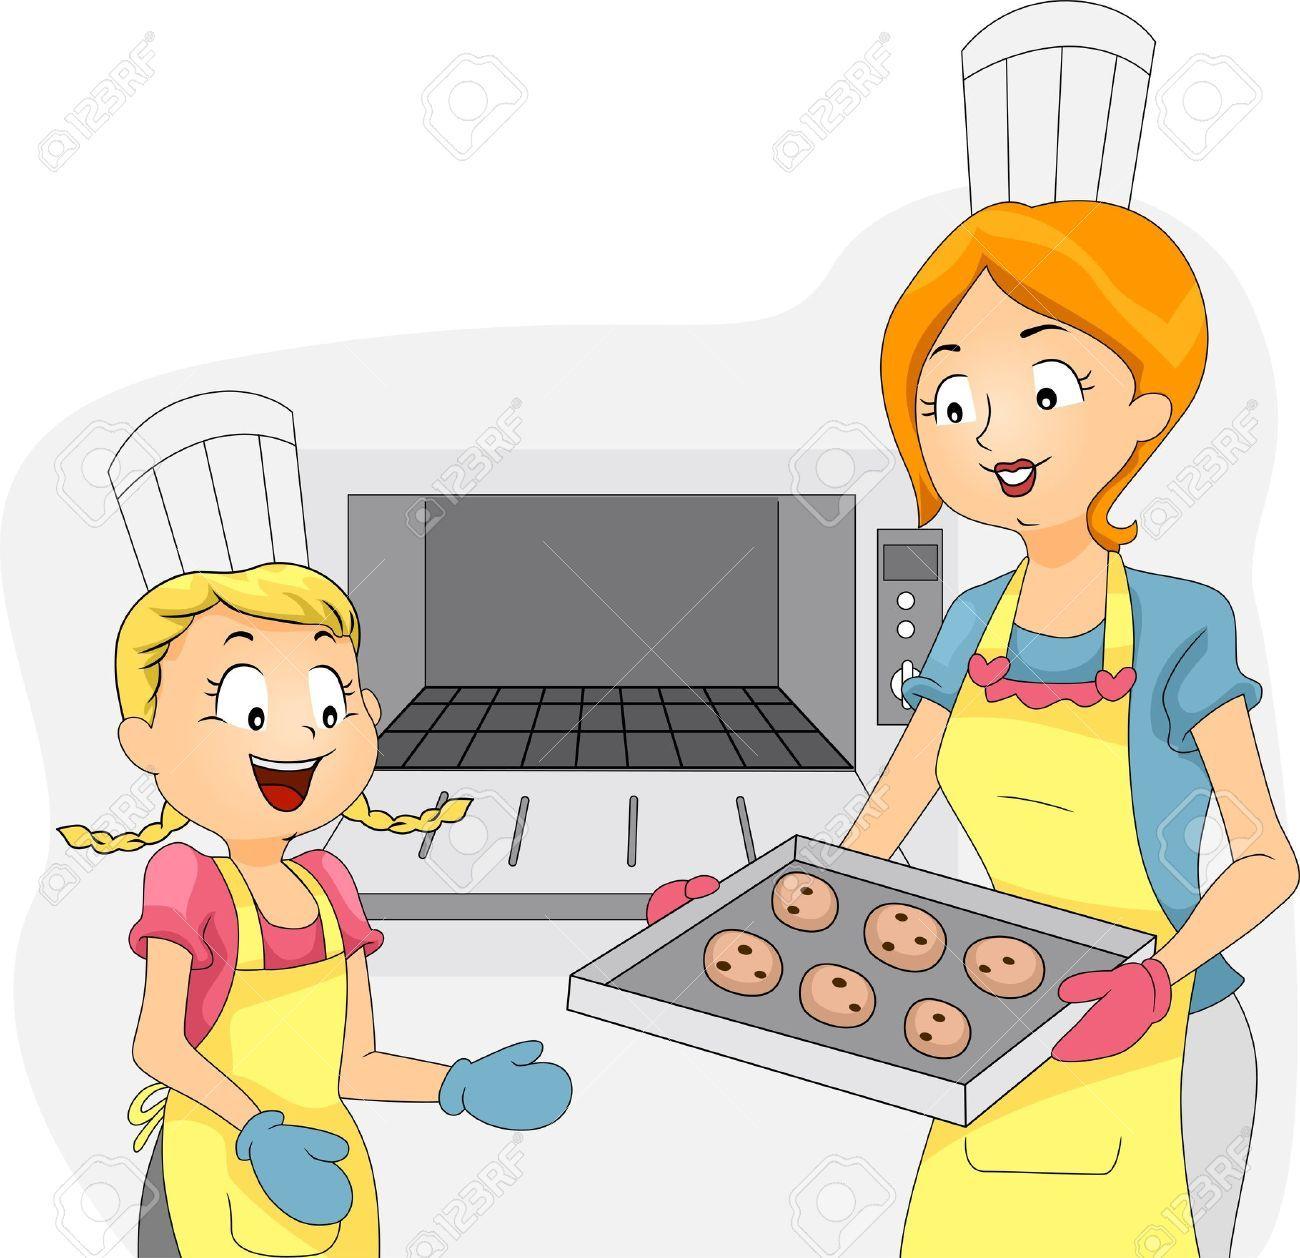 Bake clipart svg freeuse download Bake clipart 4 » Clipart Portal svg freeuse download